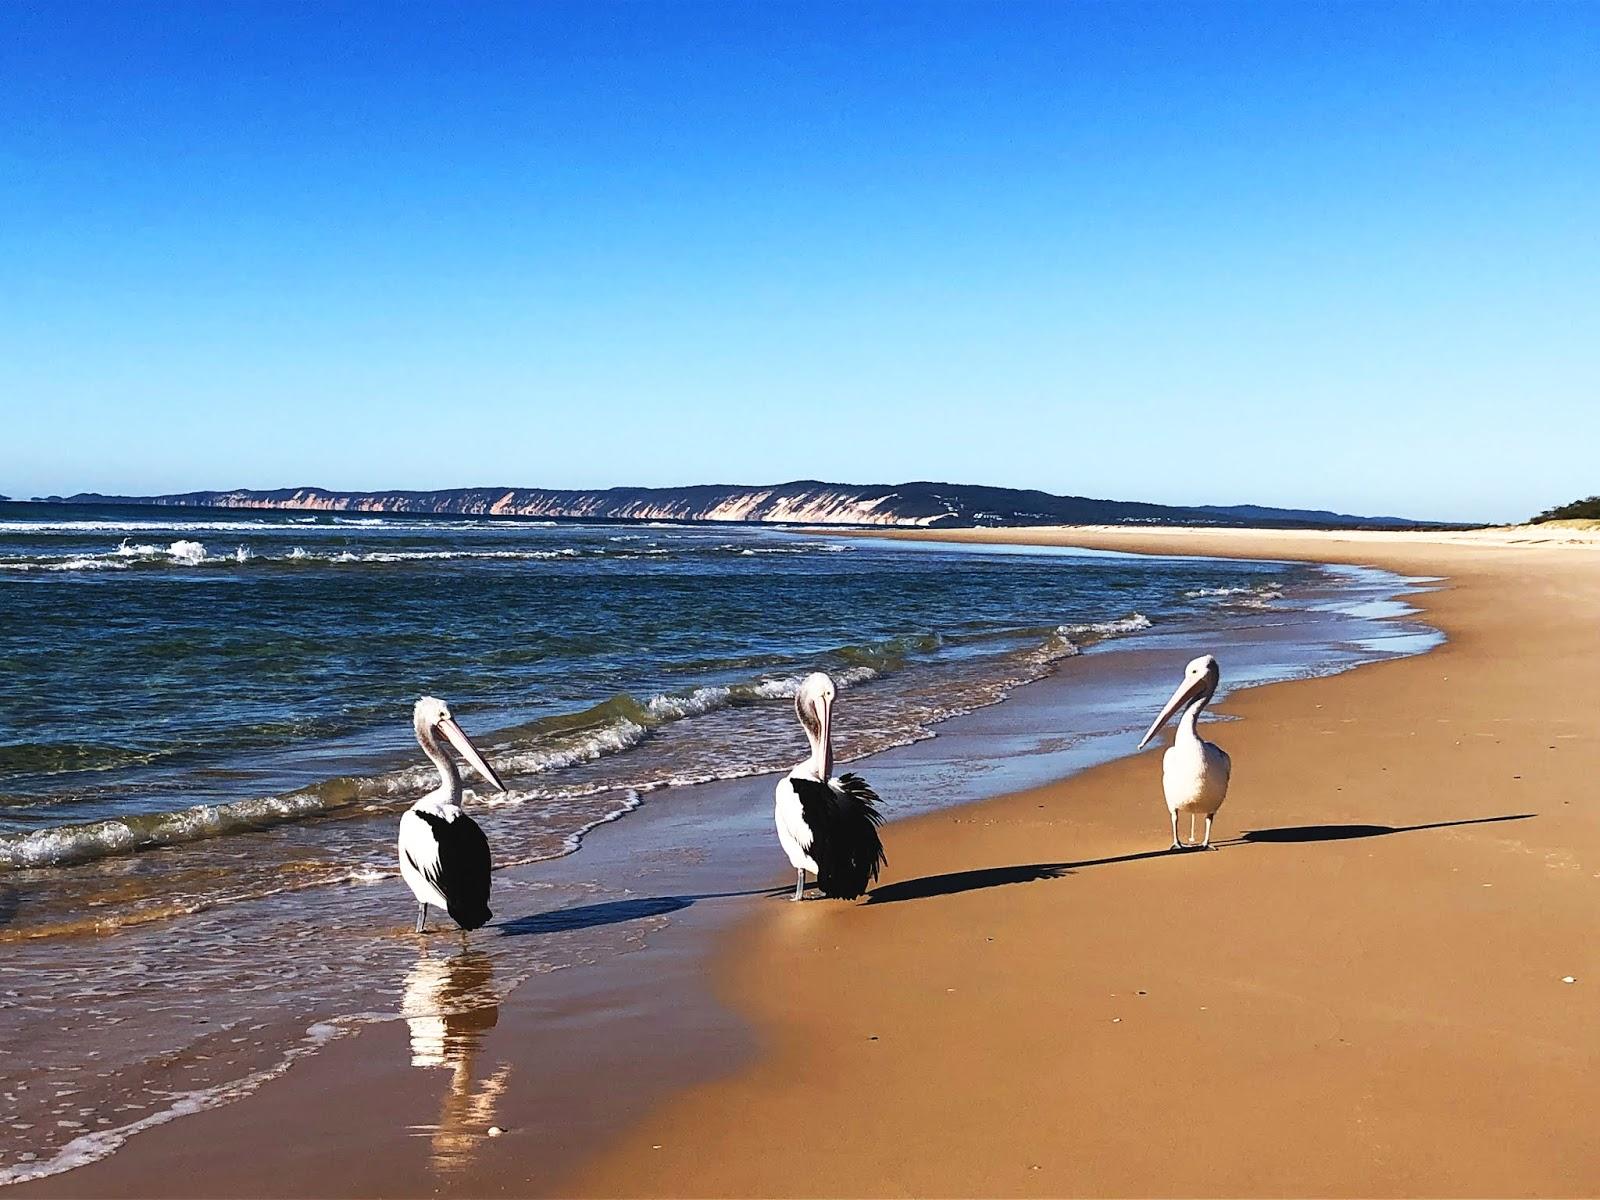 Trzy pelikany autsralijskie na Plaża Rainbow Beach w Australii